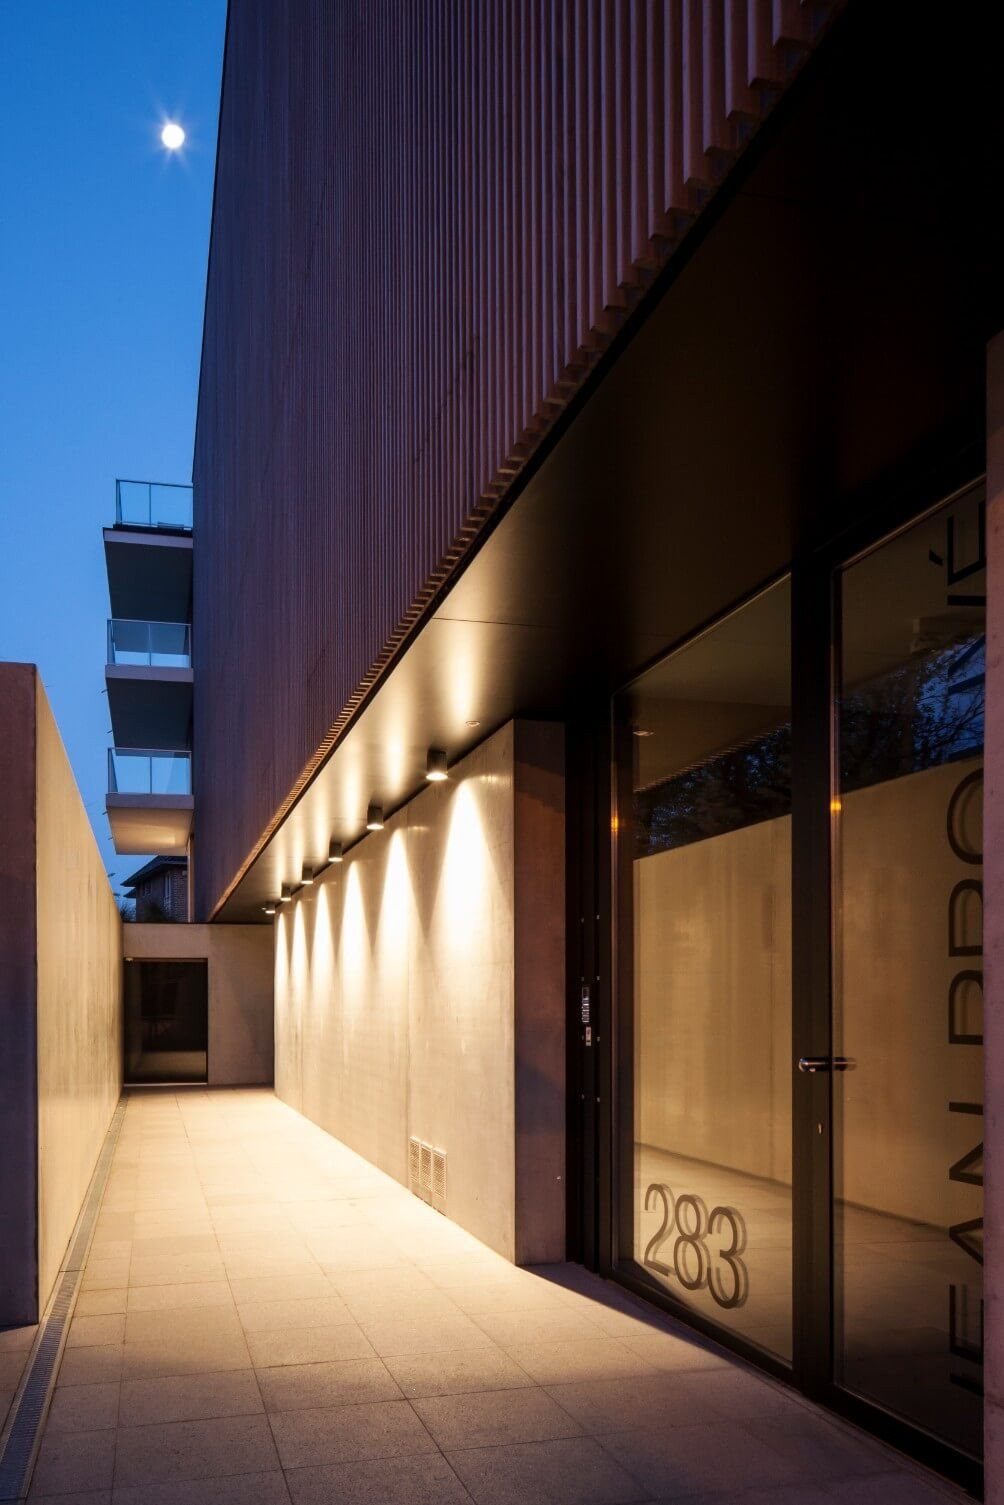 Res-JeanProuve-Rietveldprojects-photobytimvandevelde-38.jpg